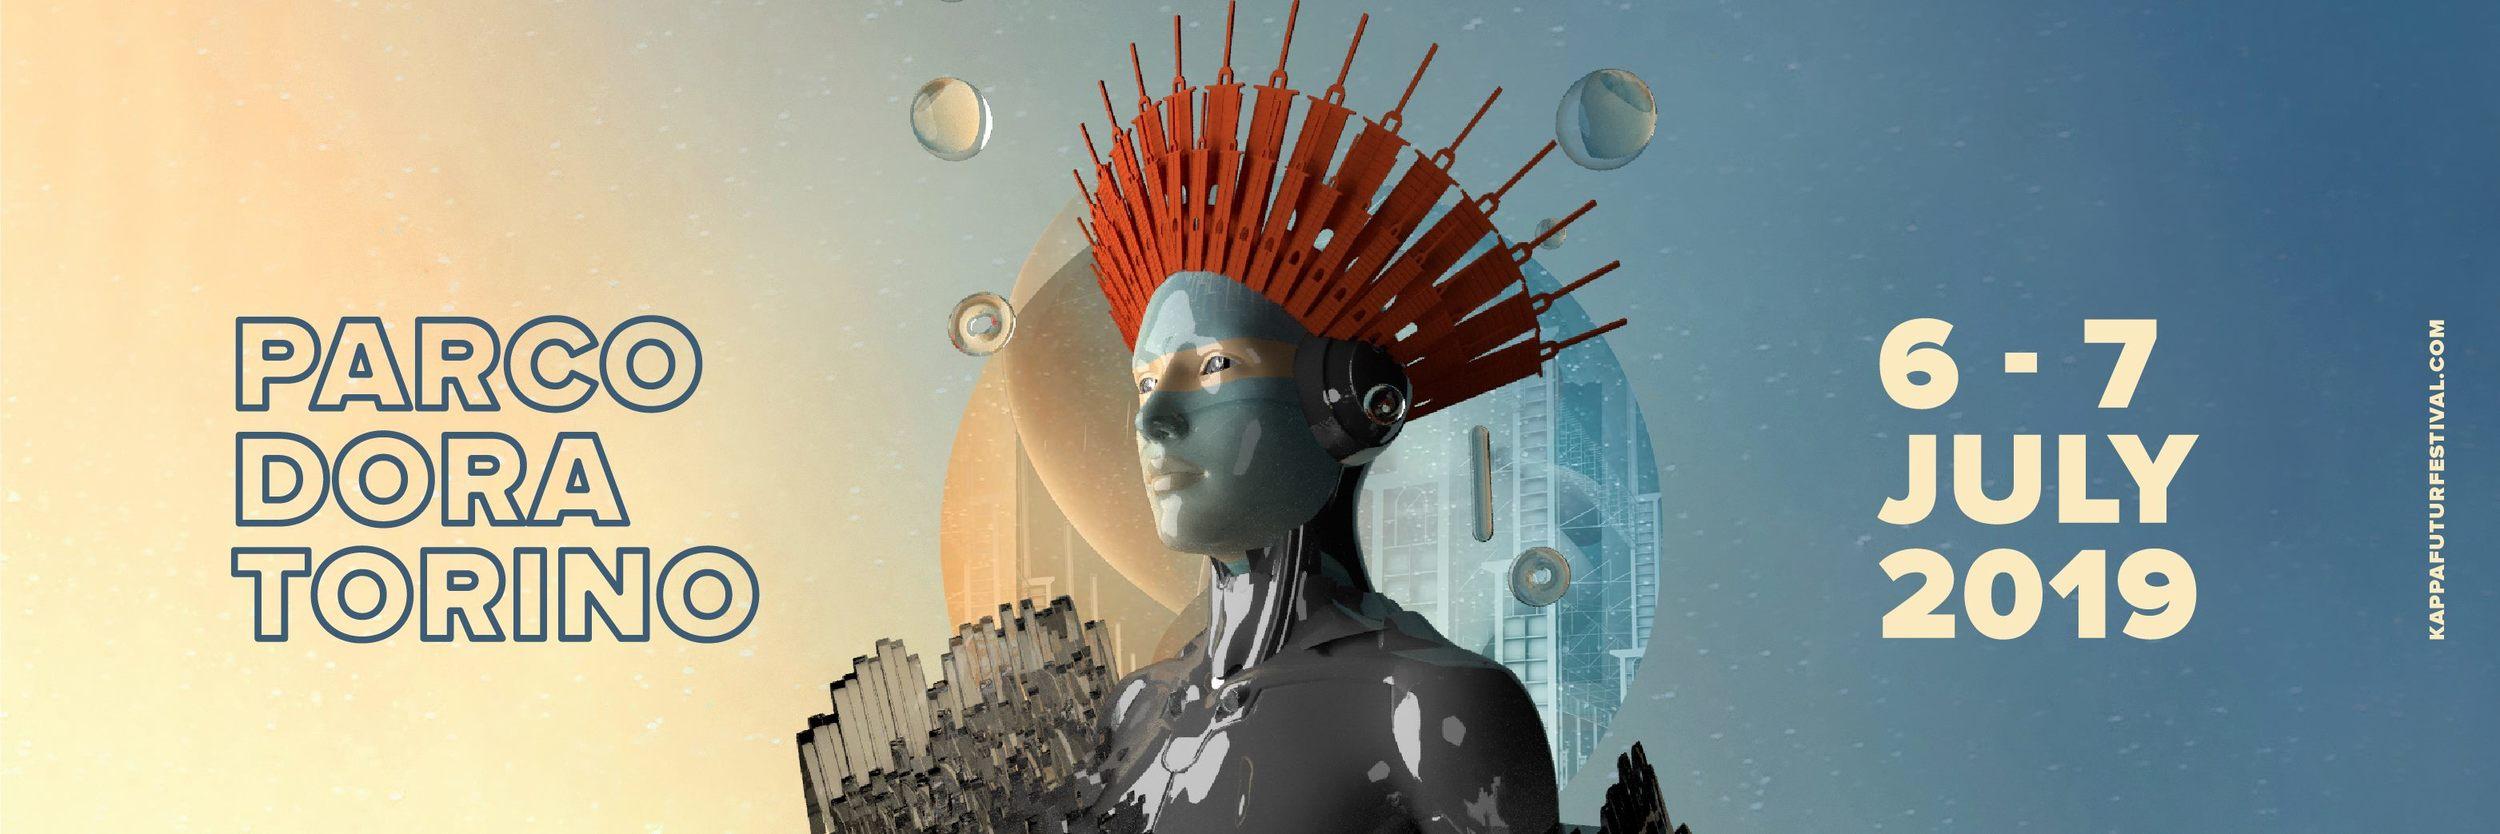 Techno Festivals Italy